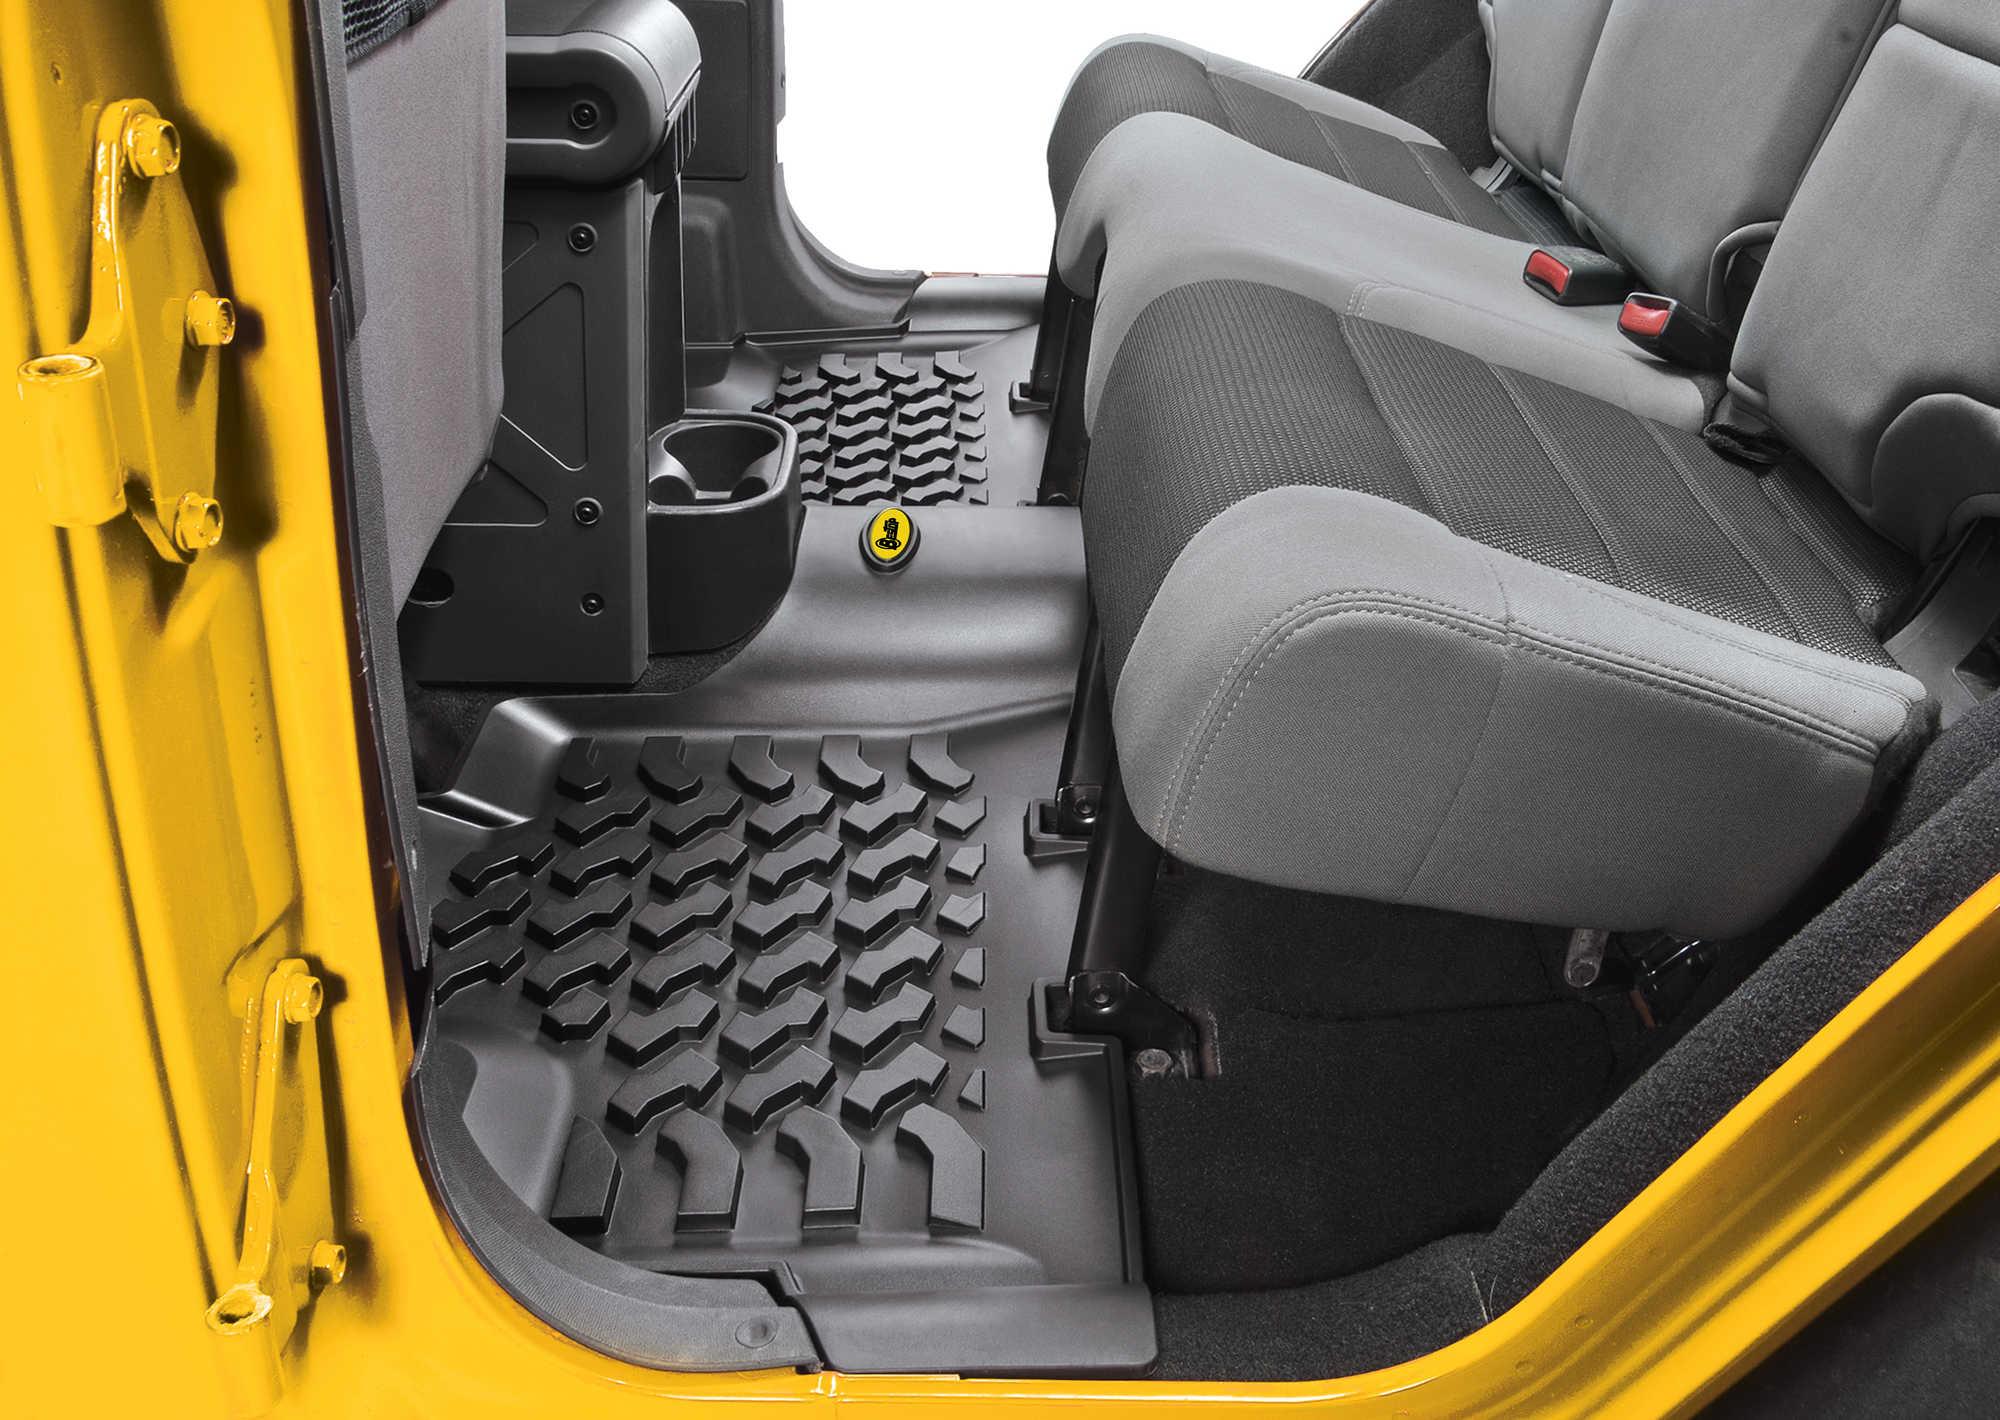 Bestop Front  Rear Floor Liners for 0716 Jeep Wrangler